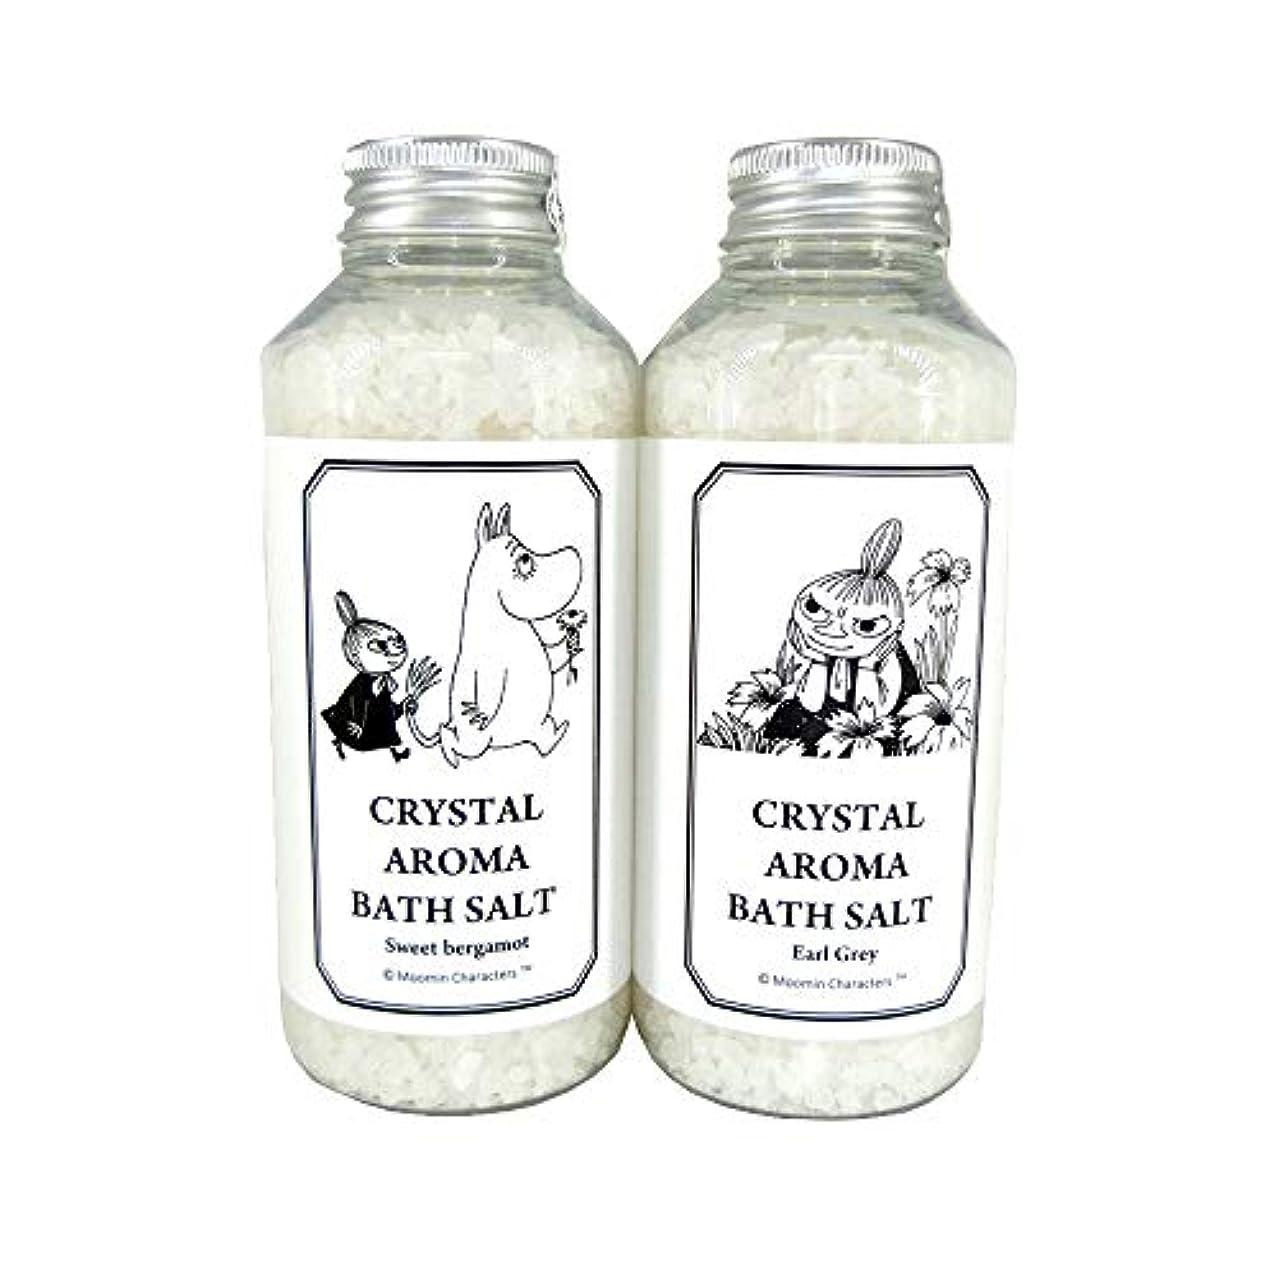 役立つ真っ逆さまたとえ【ムーミン】アロマバスソルト セットA スイートベルガモットの香り?アールグレイの香り